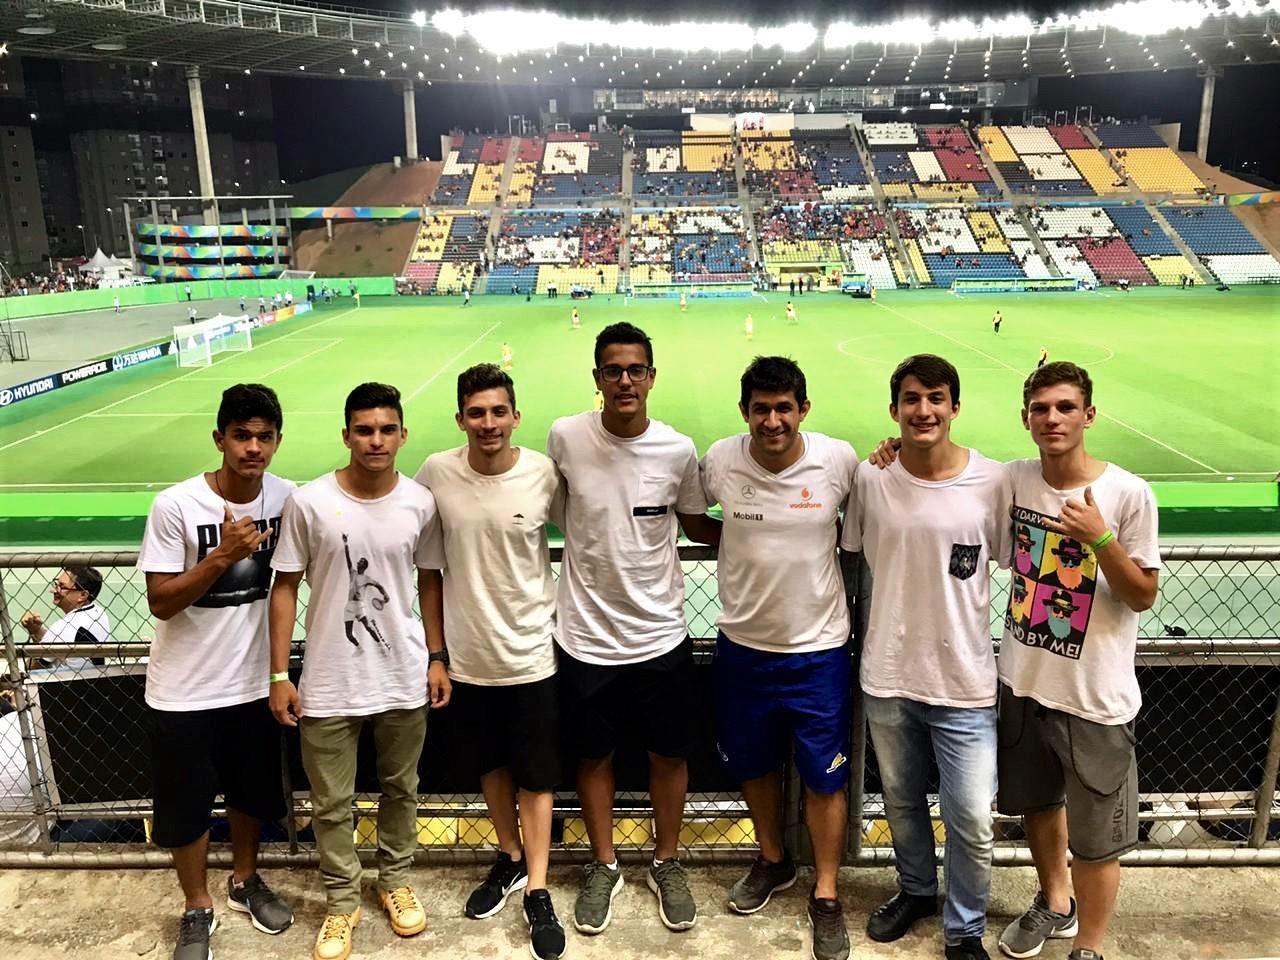 Secretaria Municipal de Desporto, Cultura e Turismo leva atletas para assistem a jogos de futebol da Copa do Mundo Sub-17